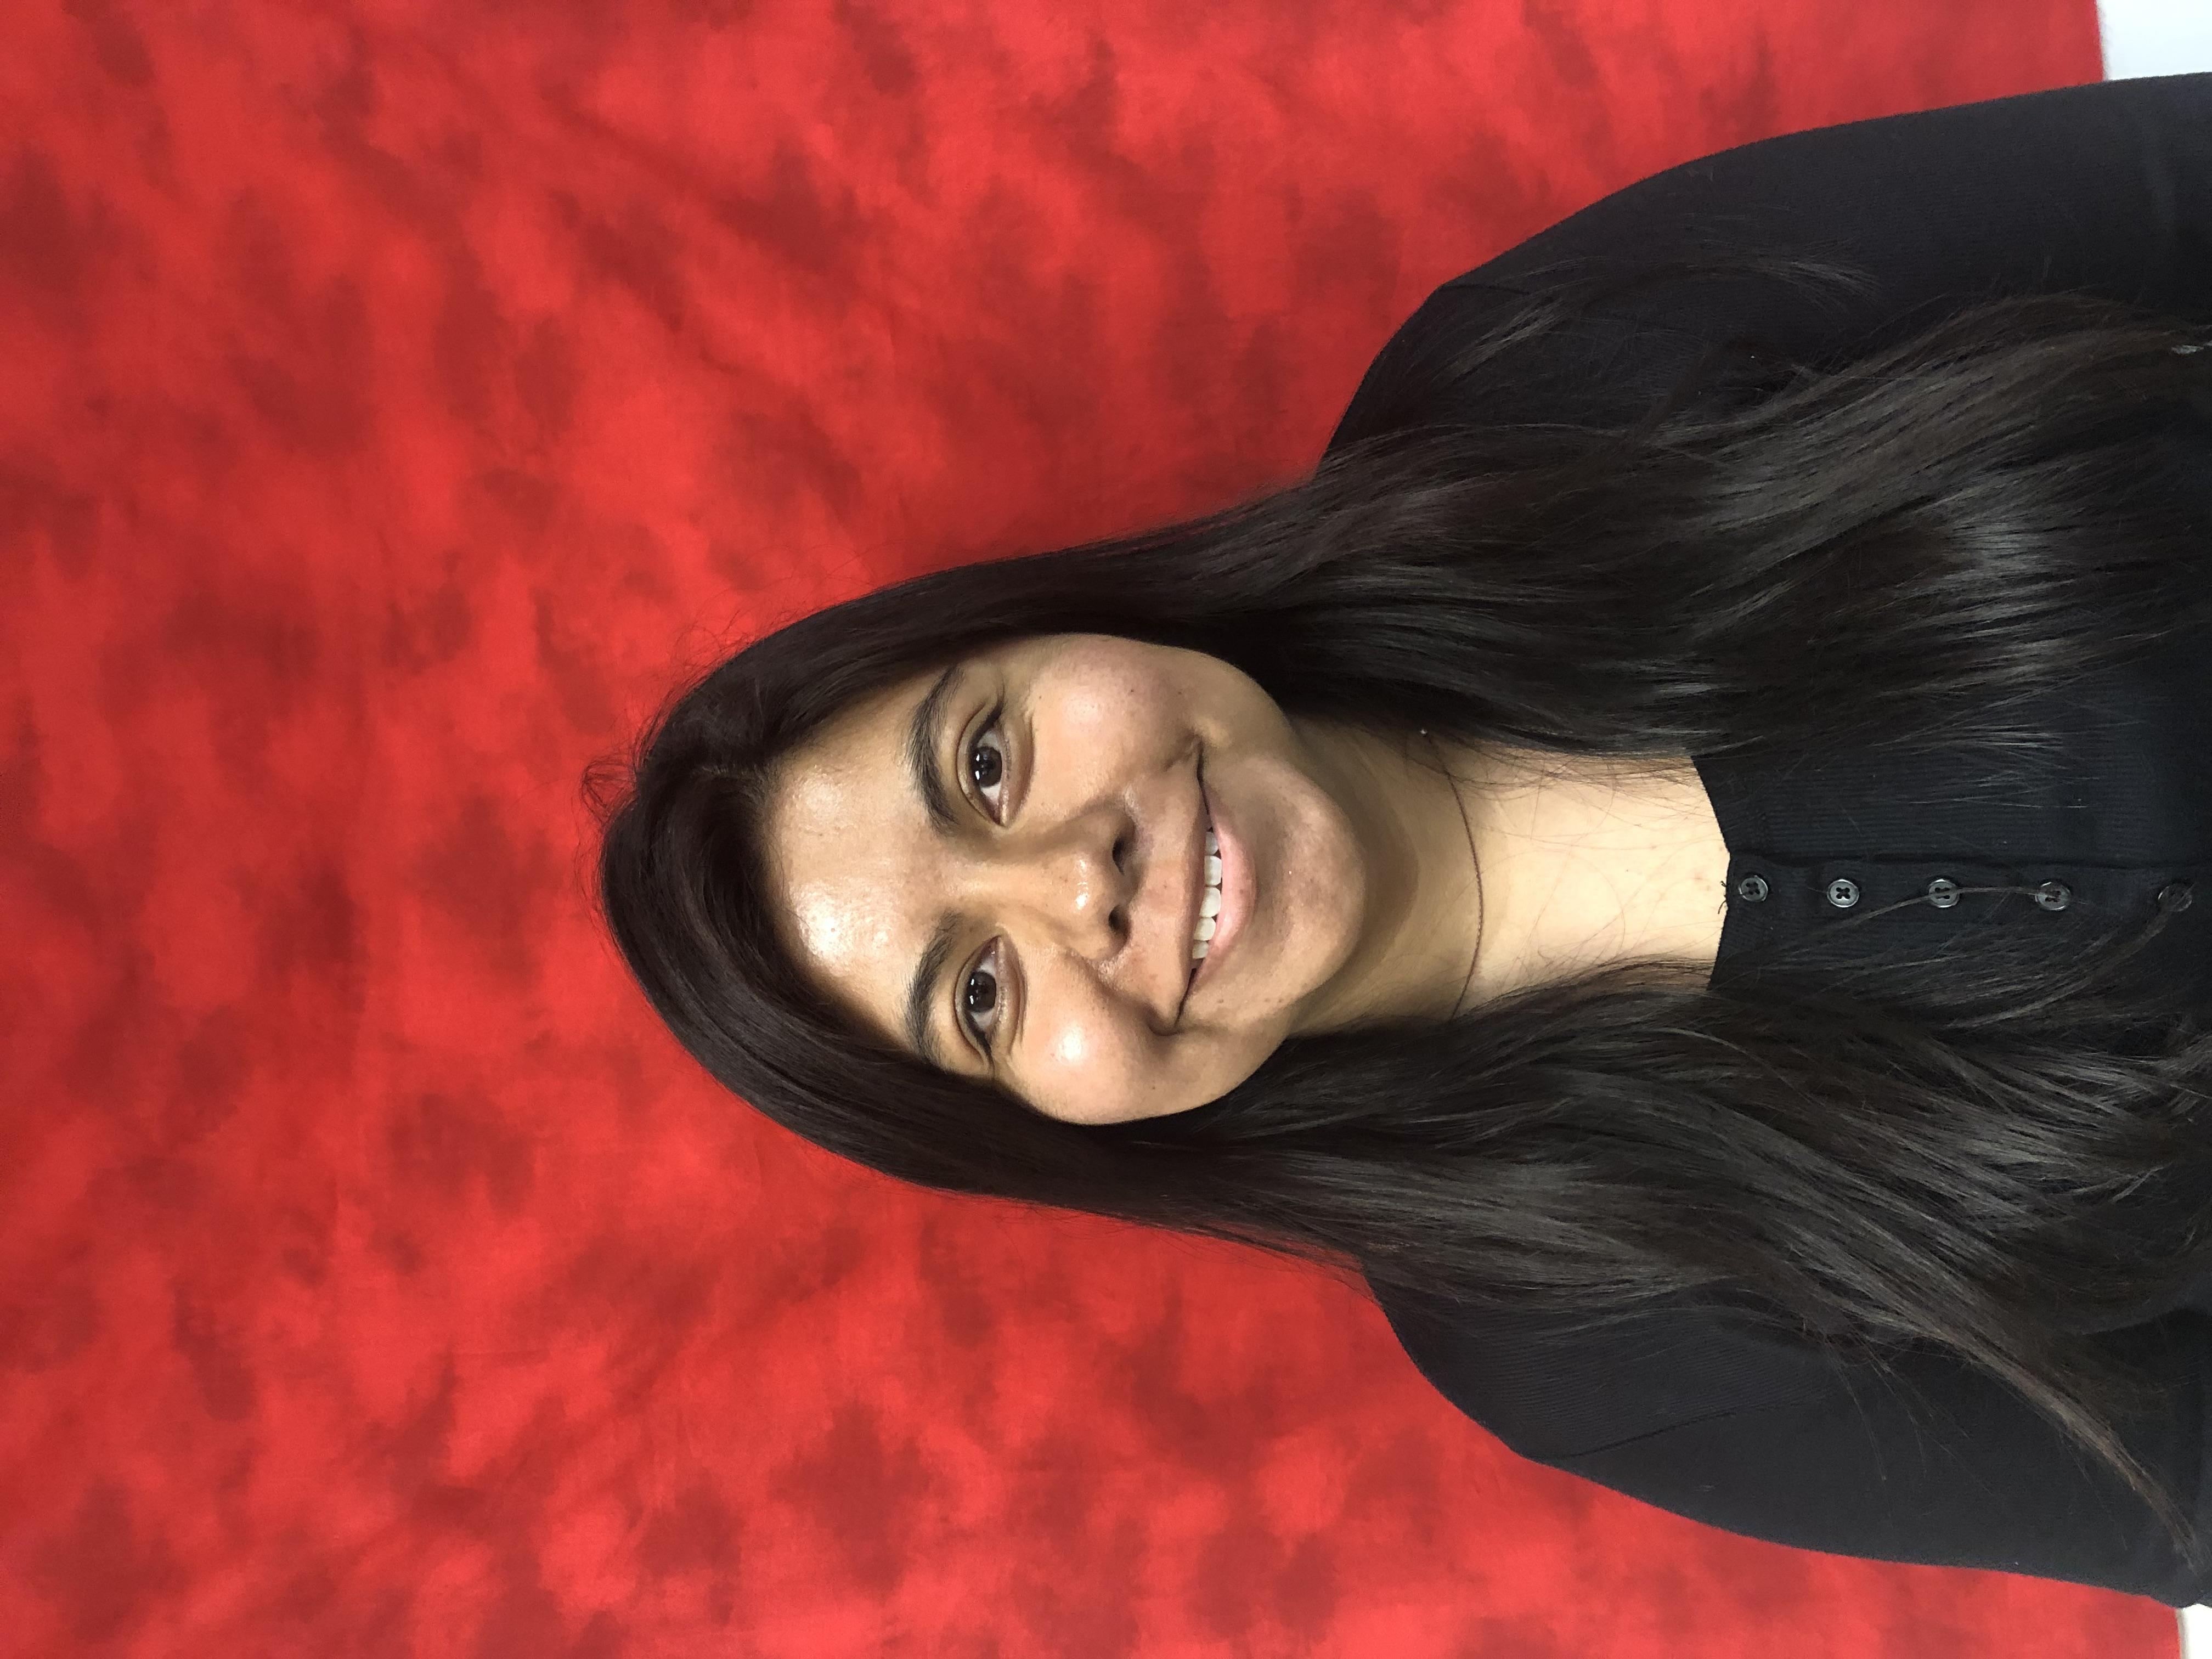 Ivette Mendzoa